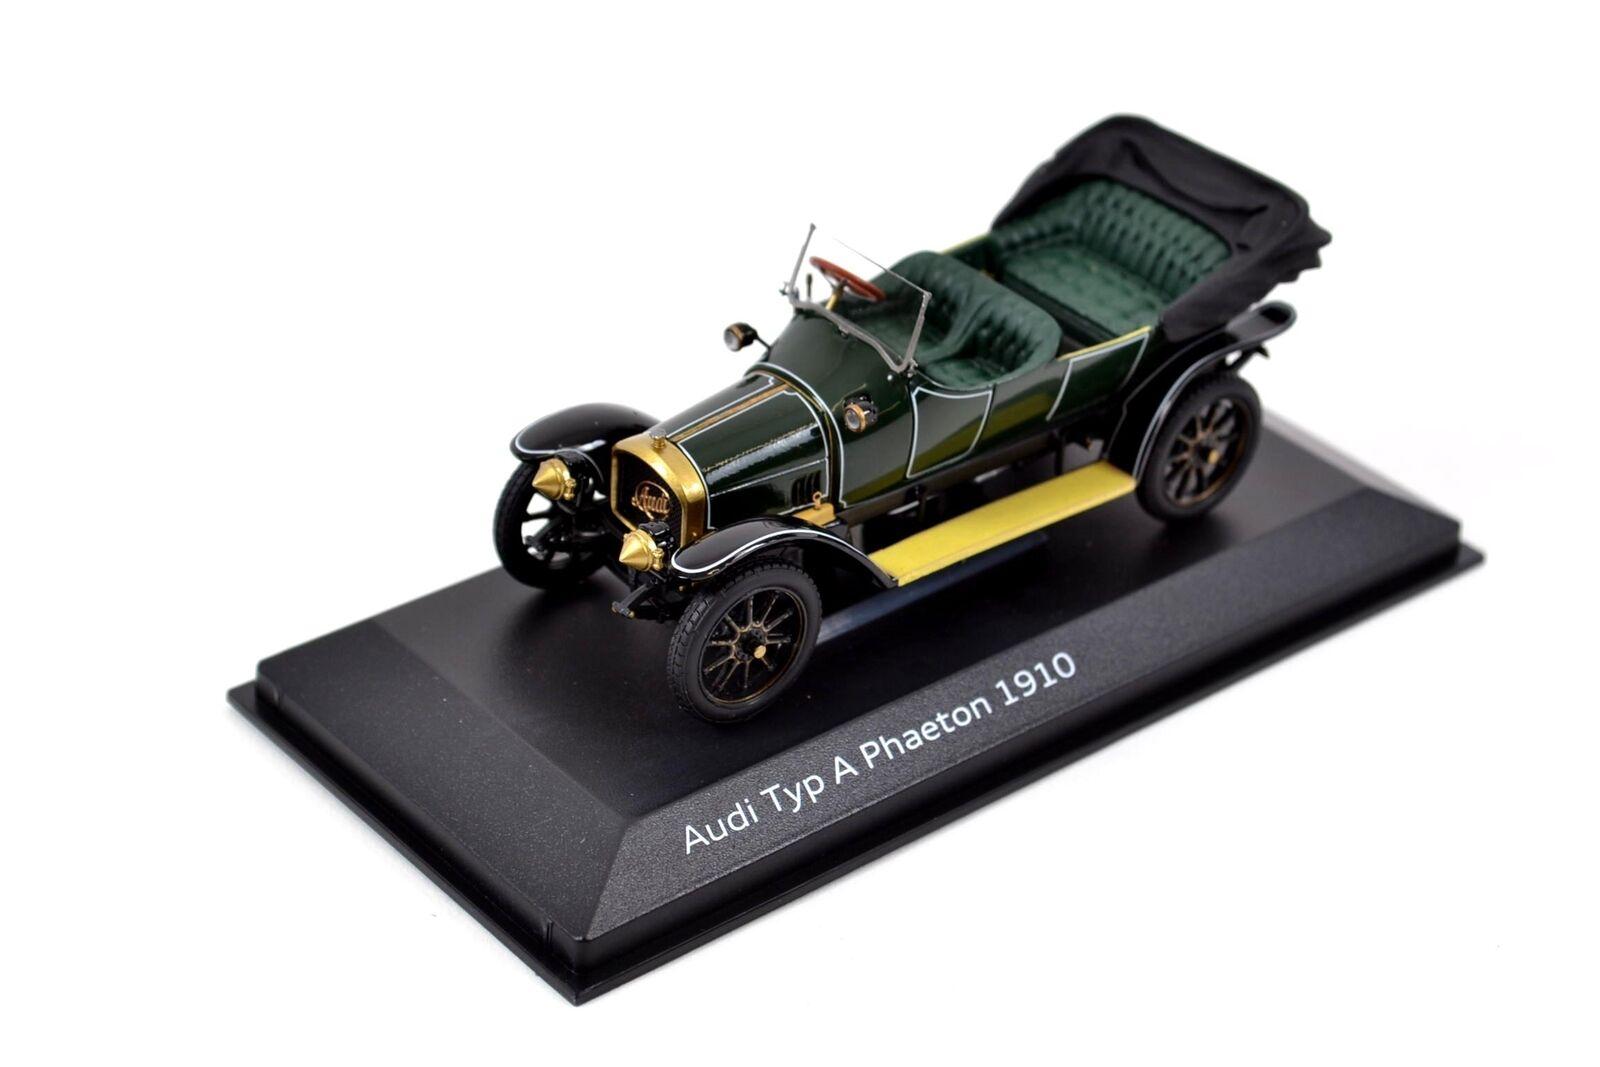 AUDI tipo a 1910 modello scala 1:43 5030900903